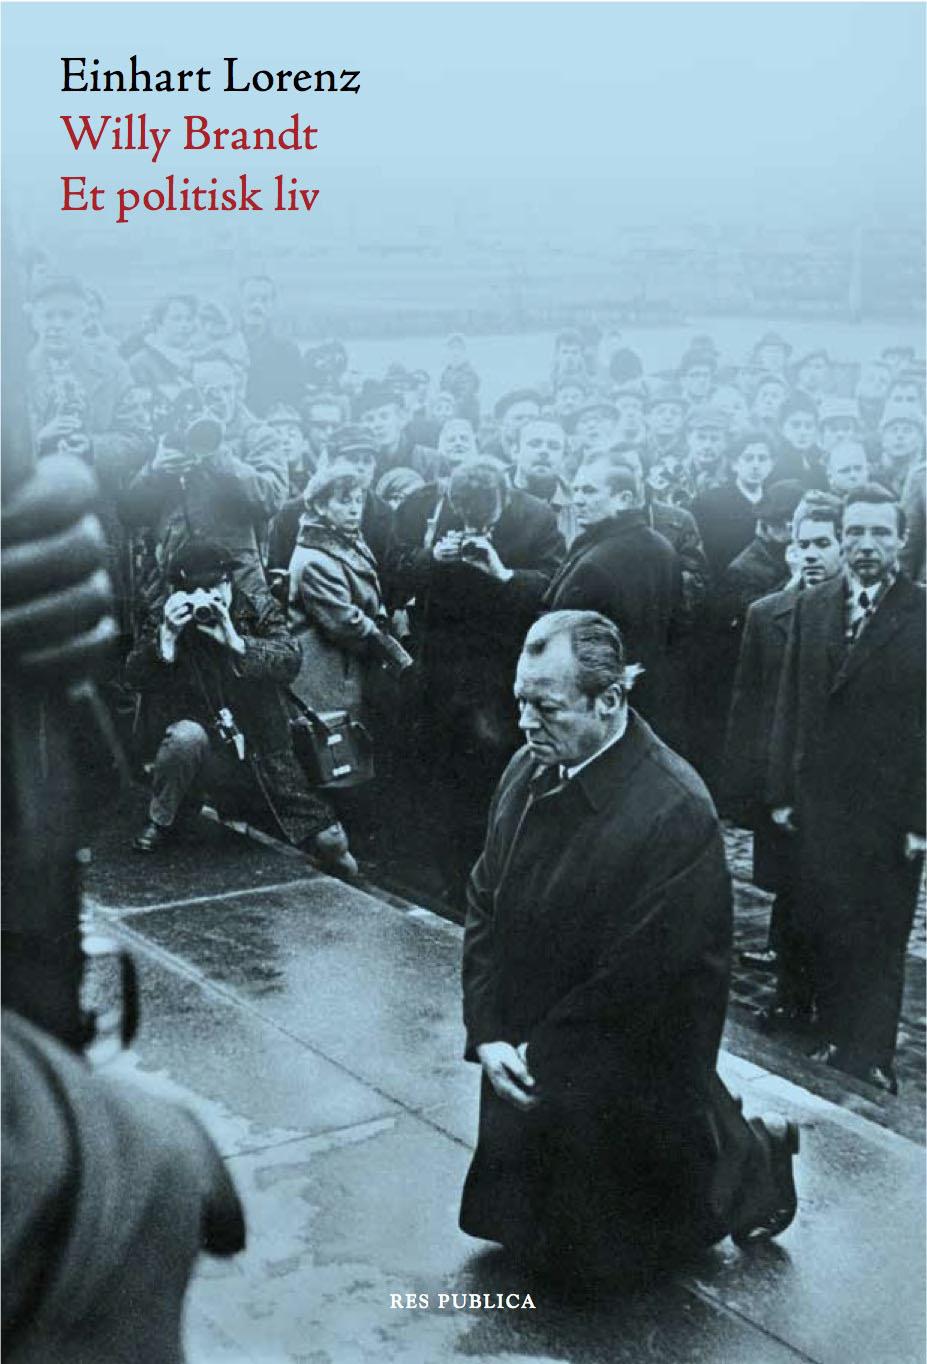 Einhart Lorenz: Willy Brandt - Et politisk liv